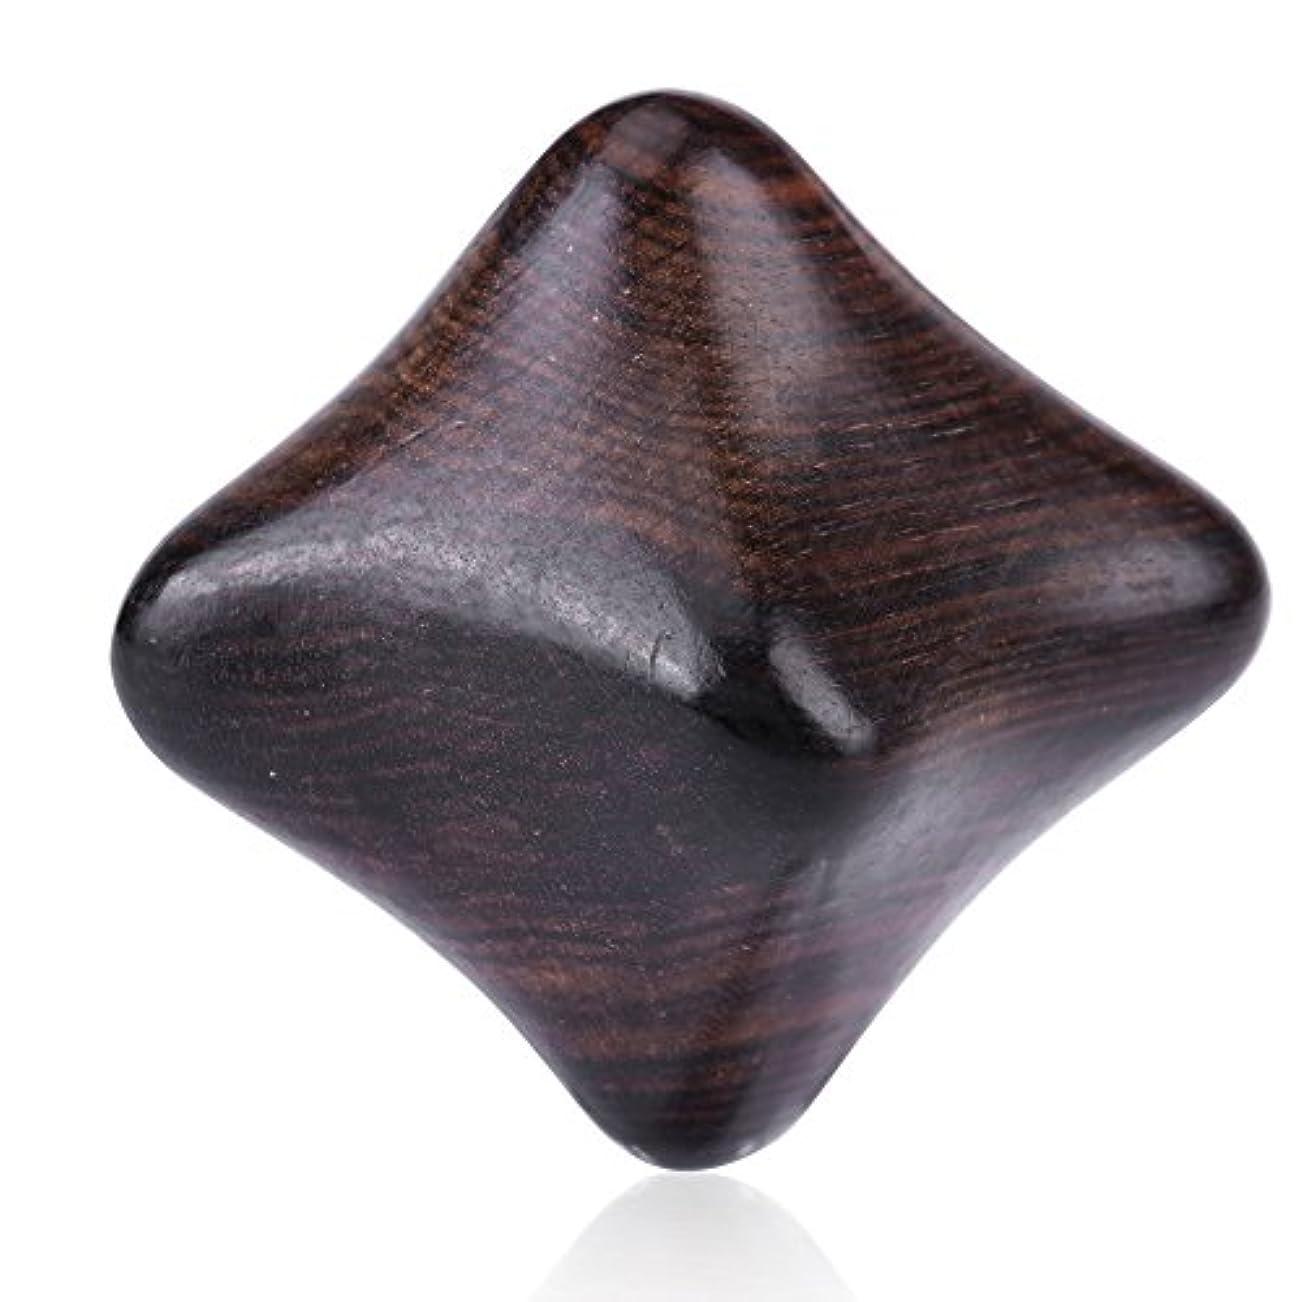 状態代数ソブリケットボディマッサージ、ベトナム香りの木のリフレクソロジーストレスリリーフ六角形ハンドマッサージツール(#2)